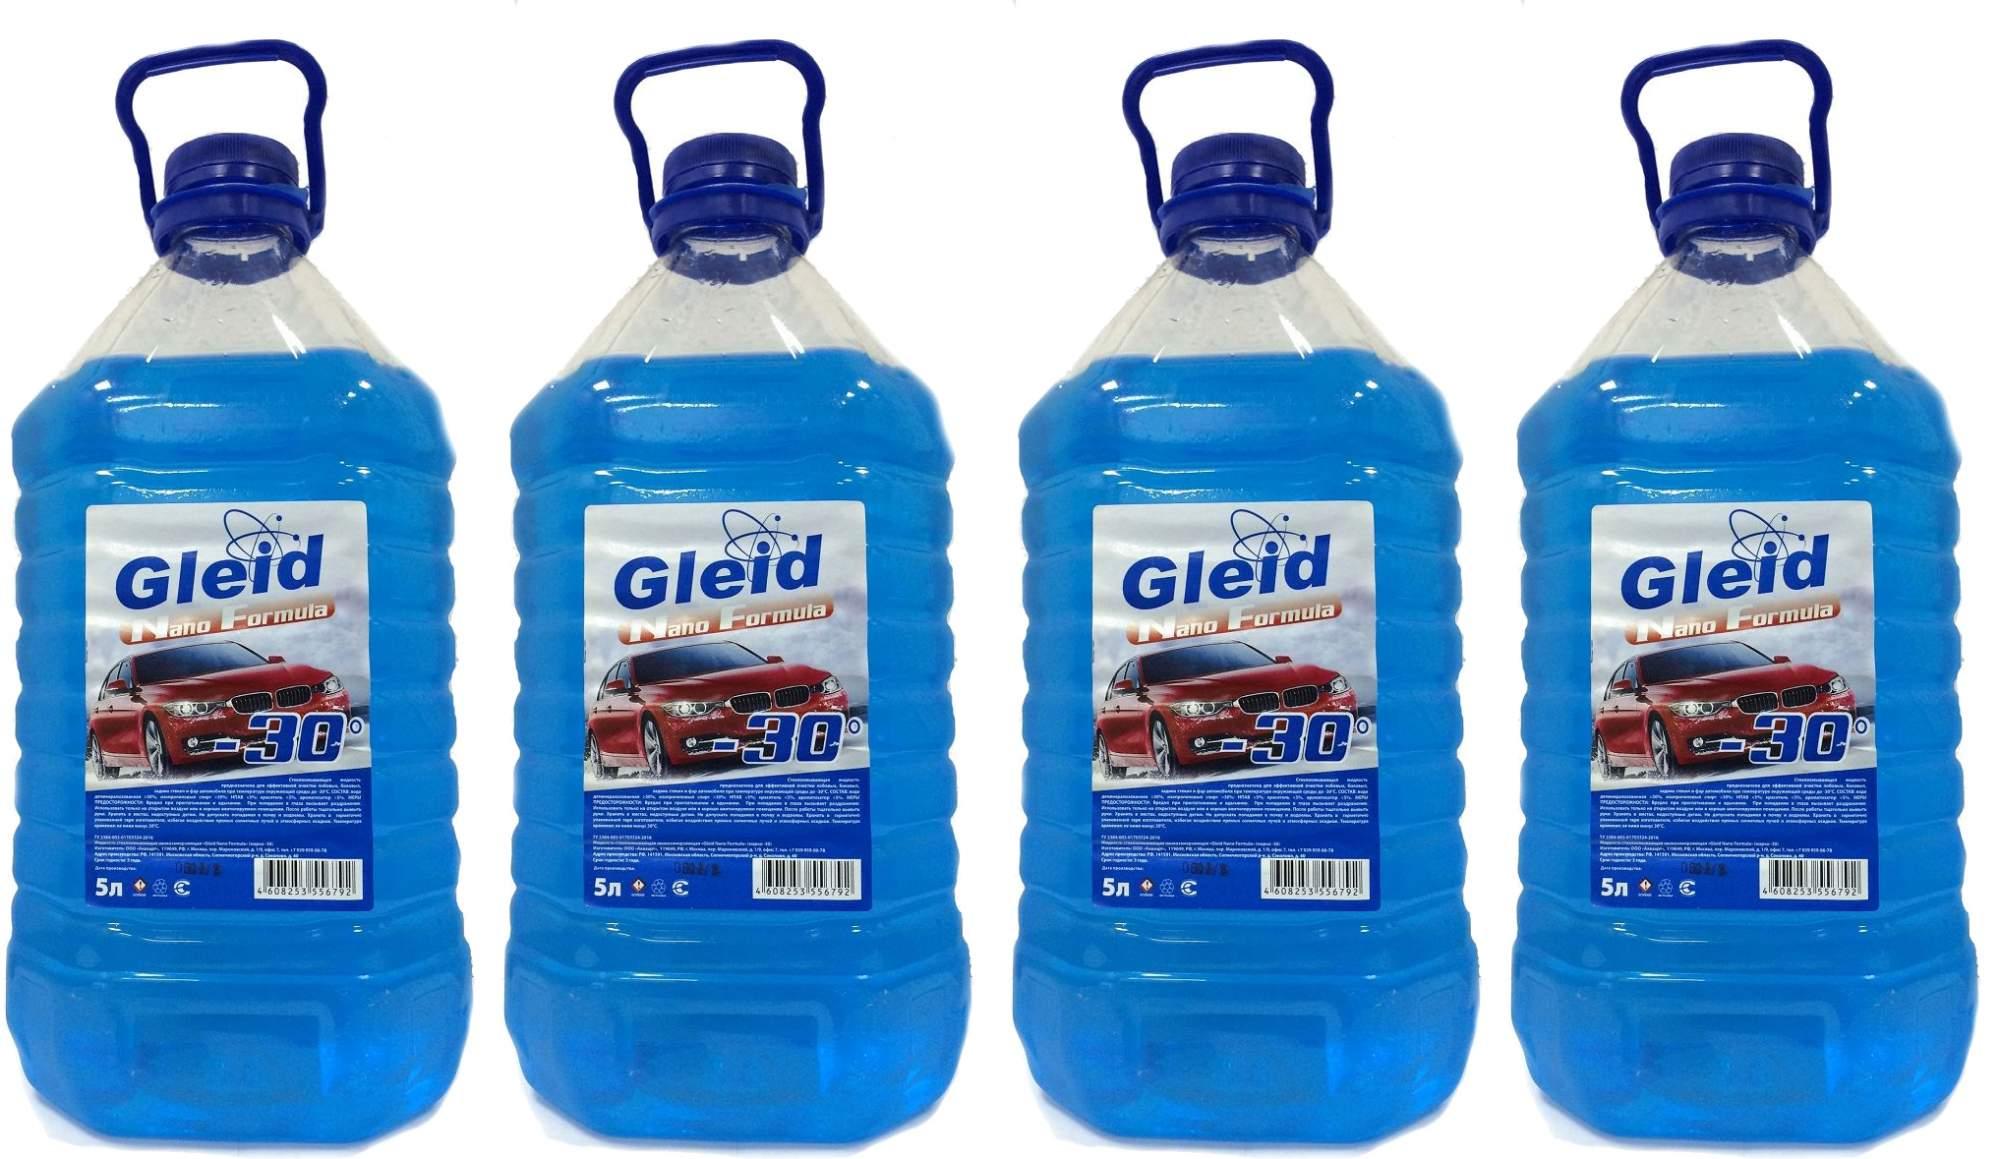 Жидкость стеклоомывателя Зимняя Gleid -30°C 5л gleid_4, 4шт